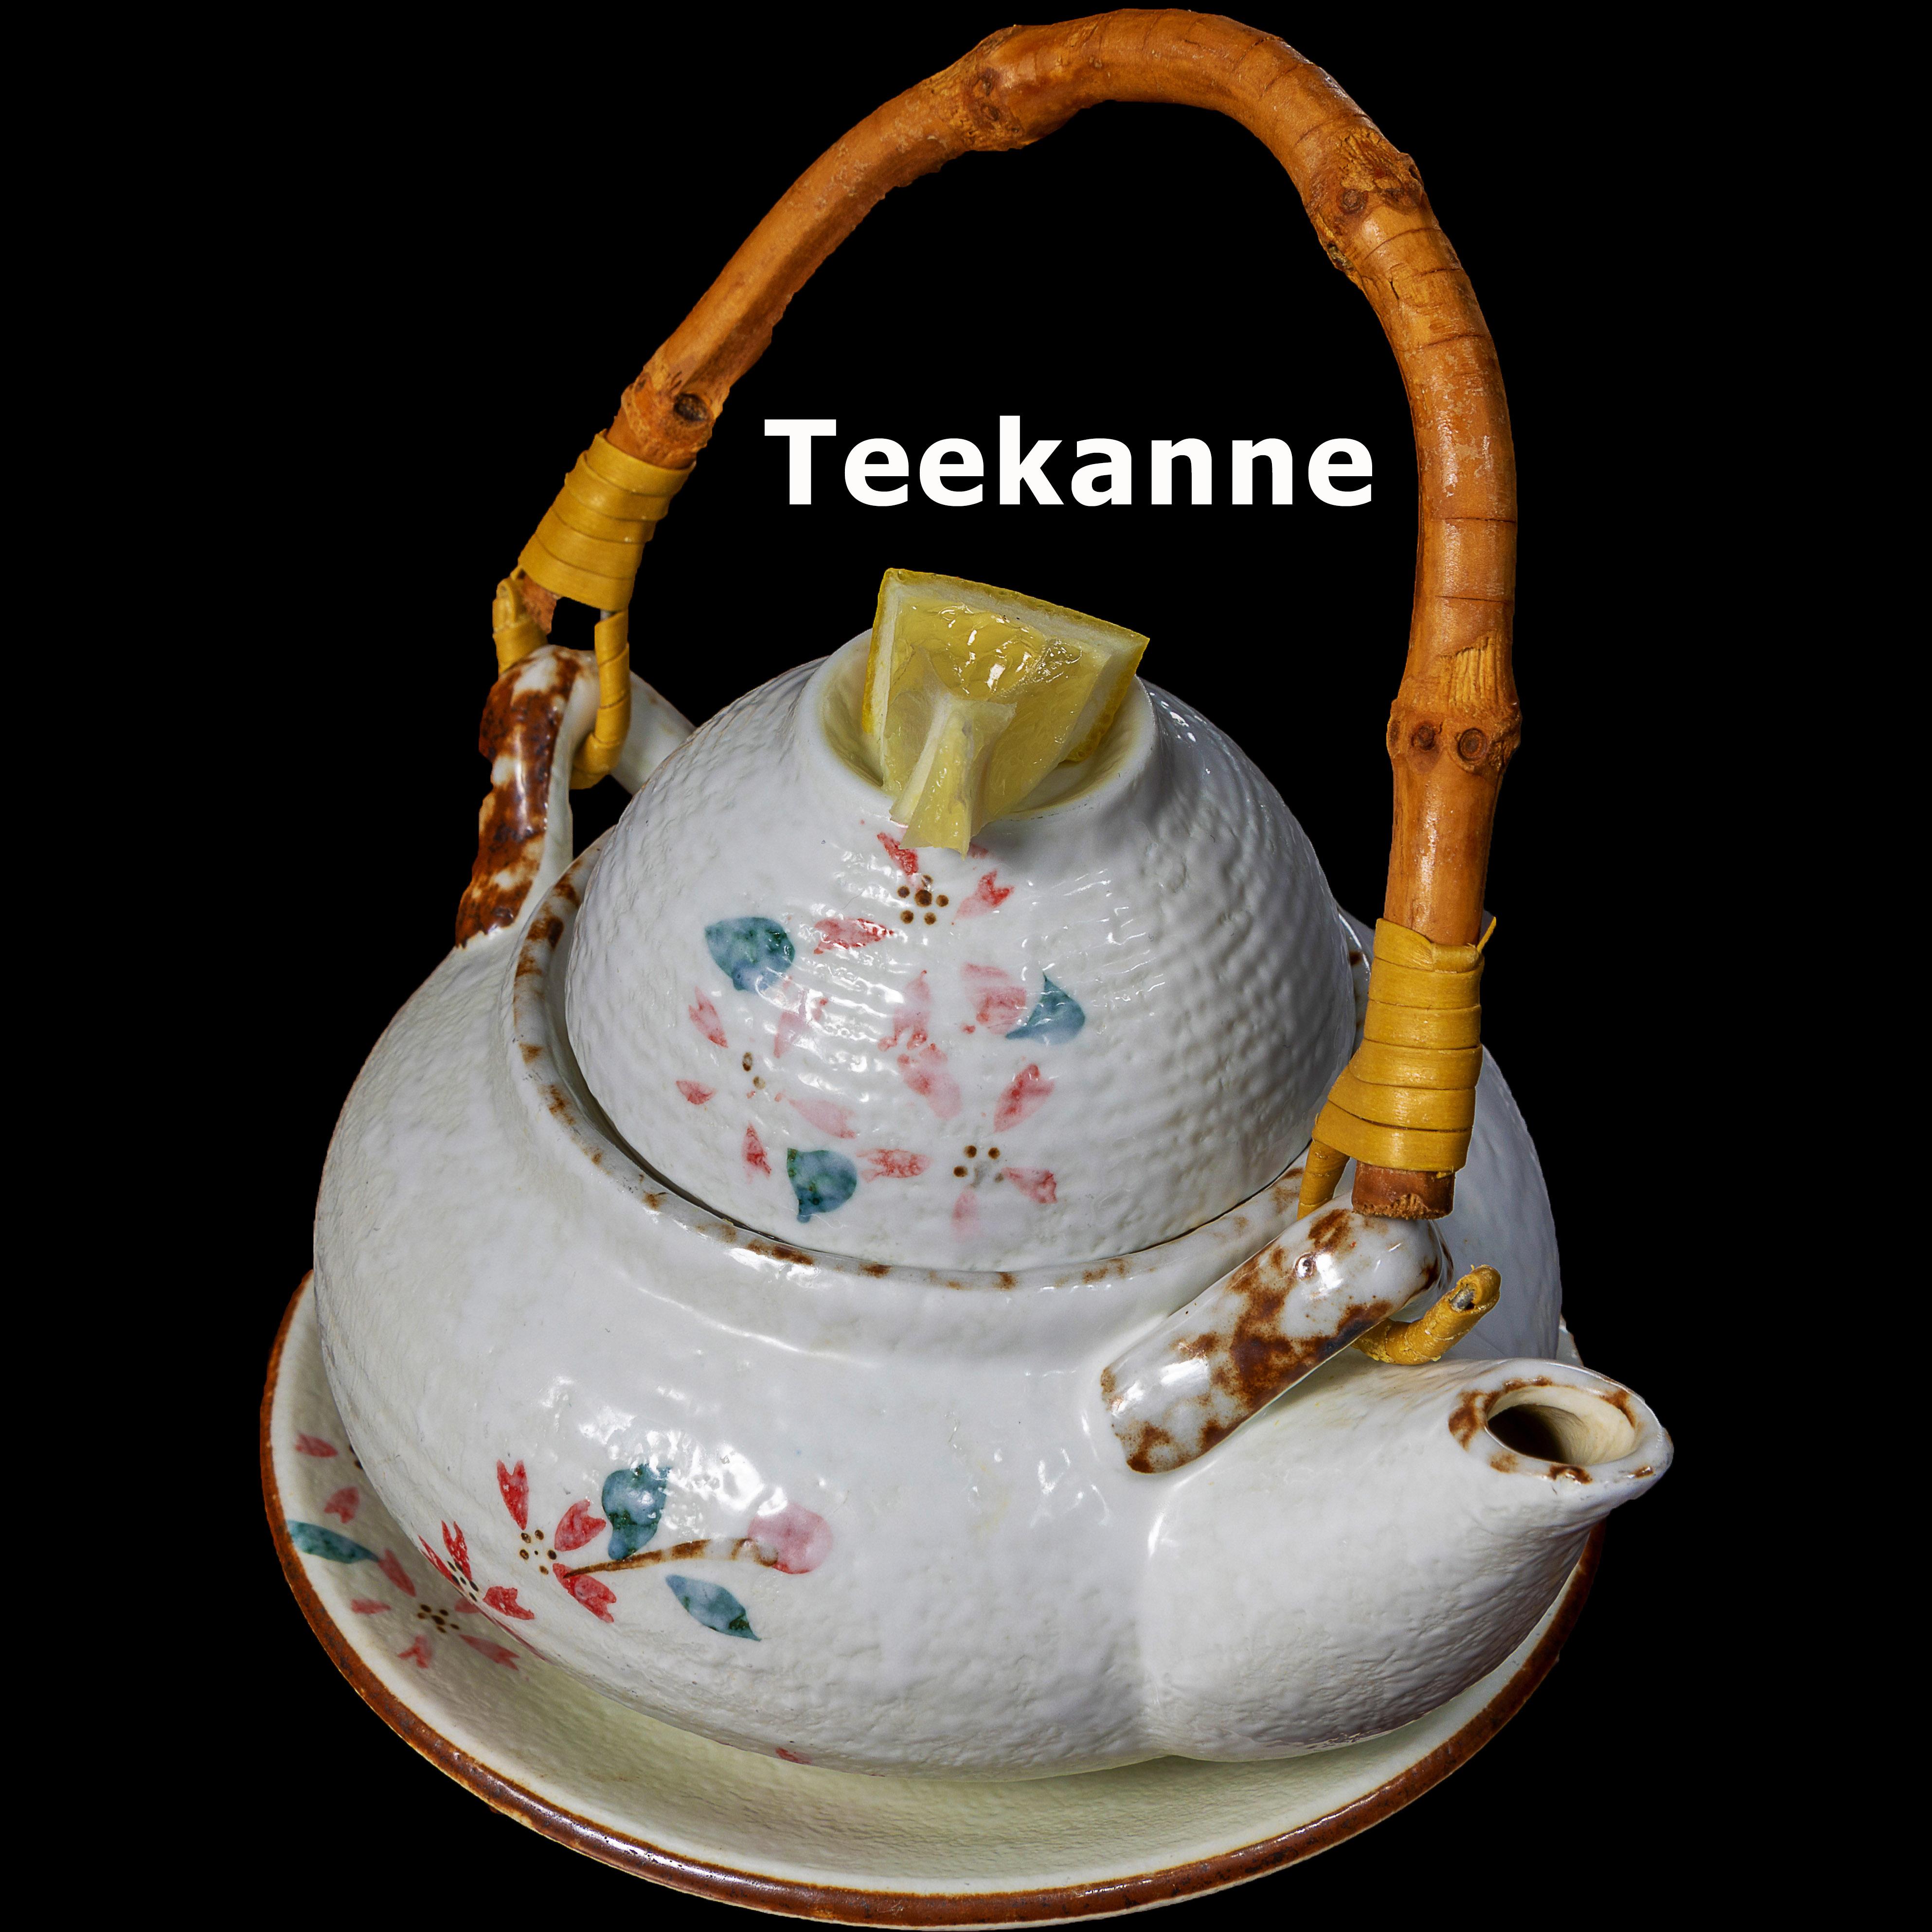 11. Teekanne